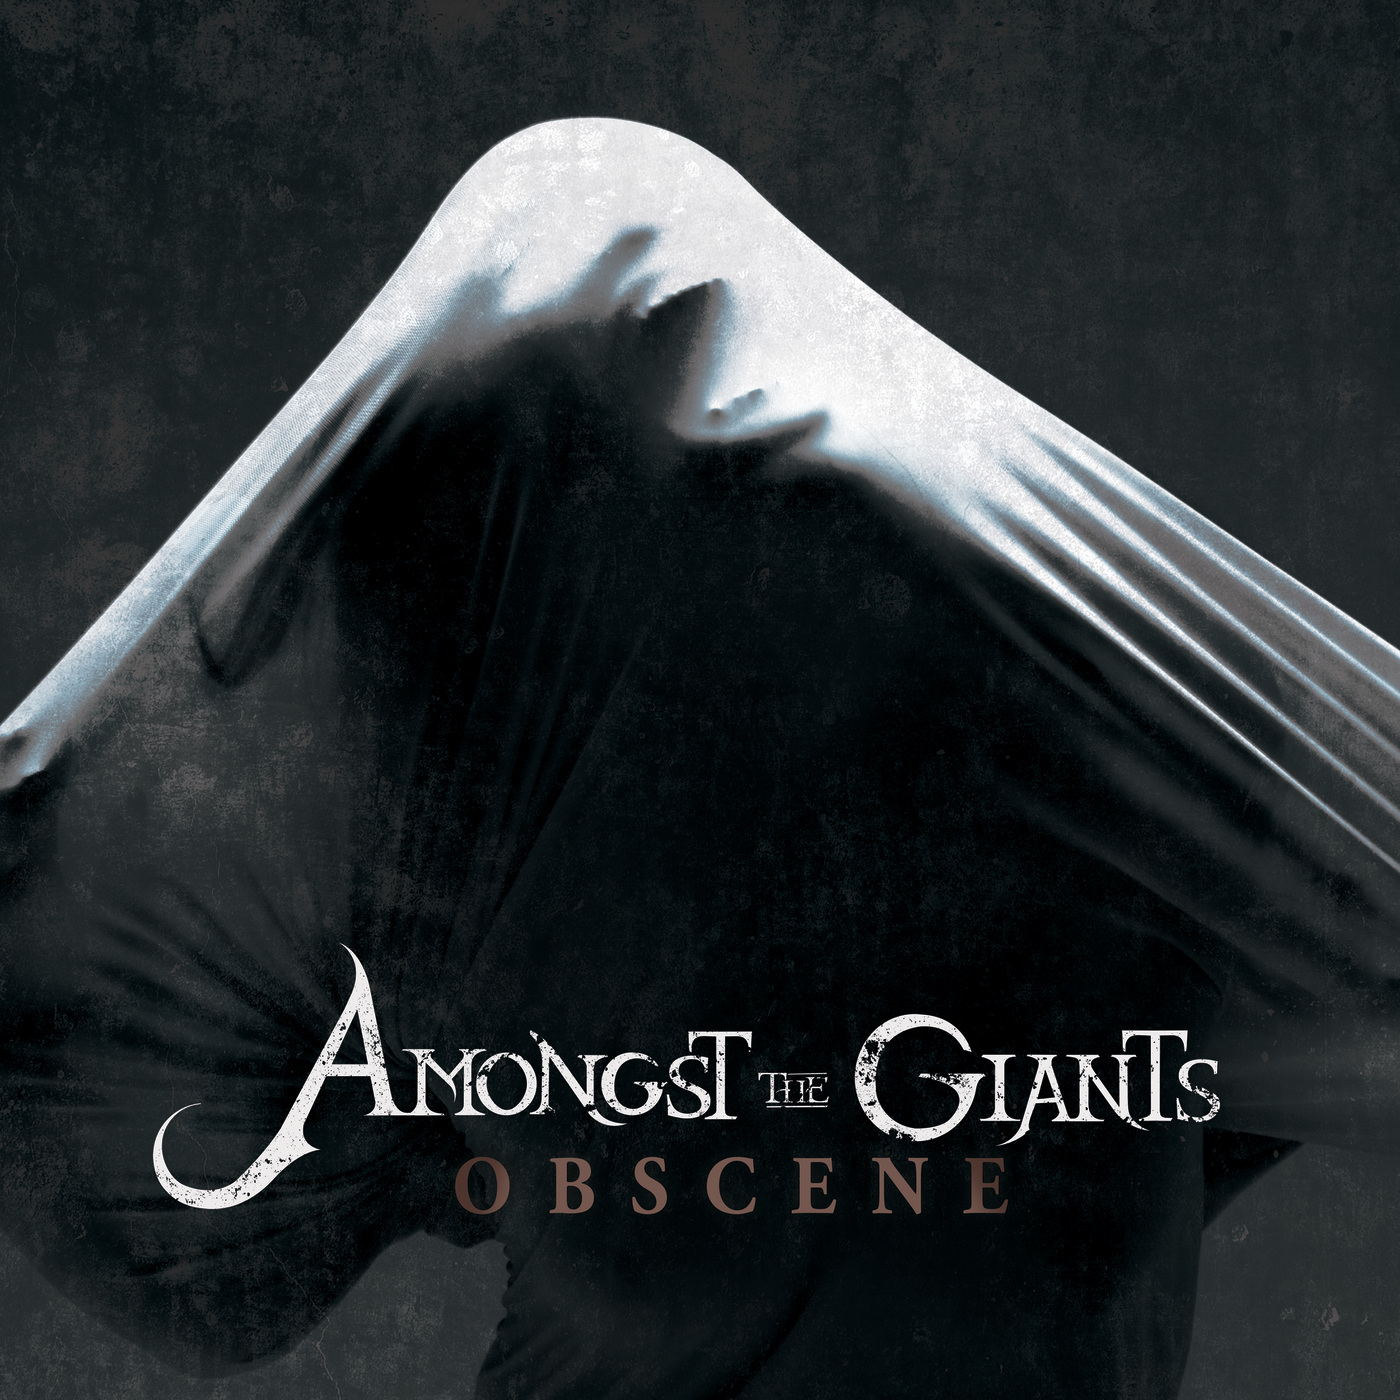 Amongst the Giants - Obscene (2018)